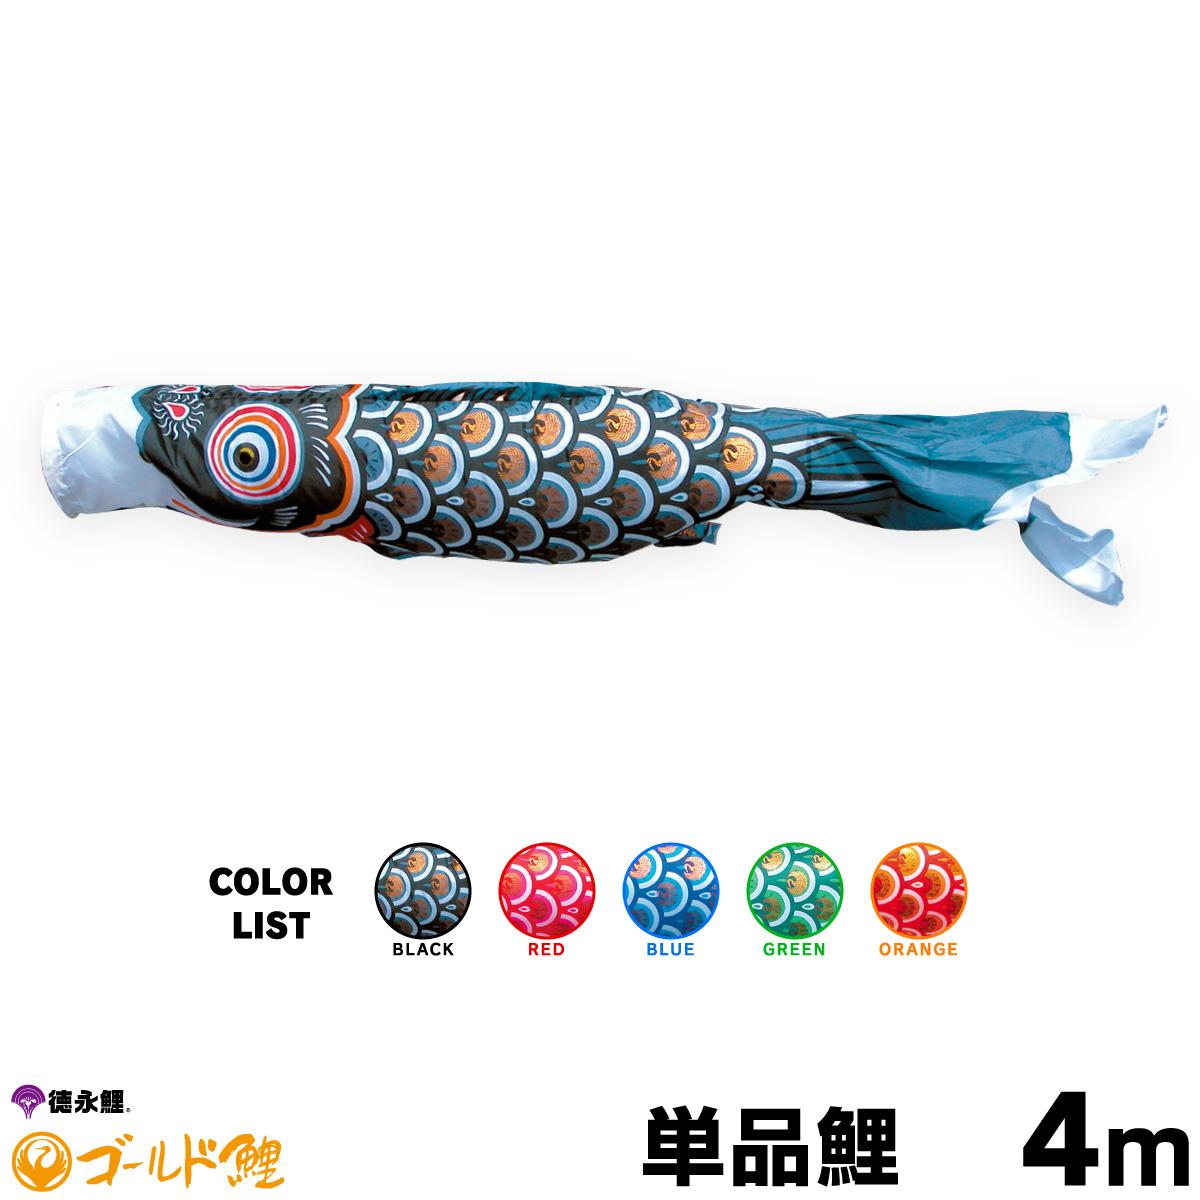 こいのぼり 鯉のぼり 子鯉 単品の鯉のぼり販売 格安SALEスタート 単品 ゴールド鯉 大人気 4m 黒 緑 橙 赤 青 単品鯉